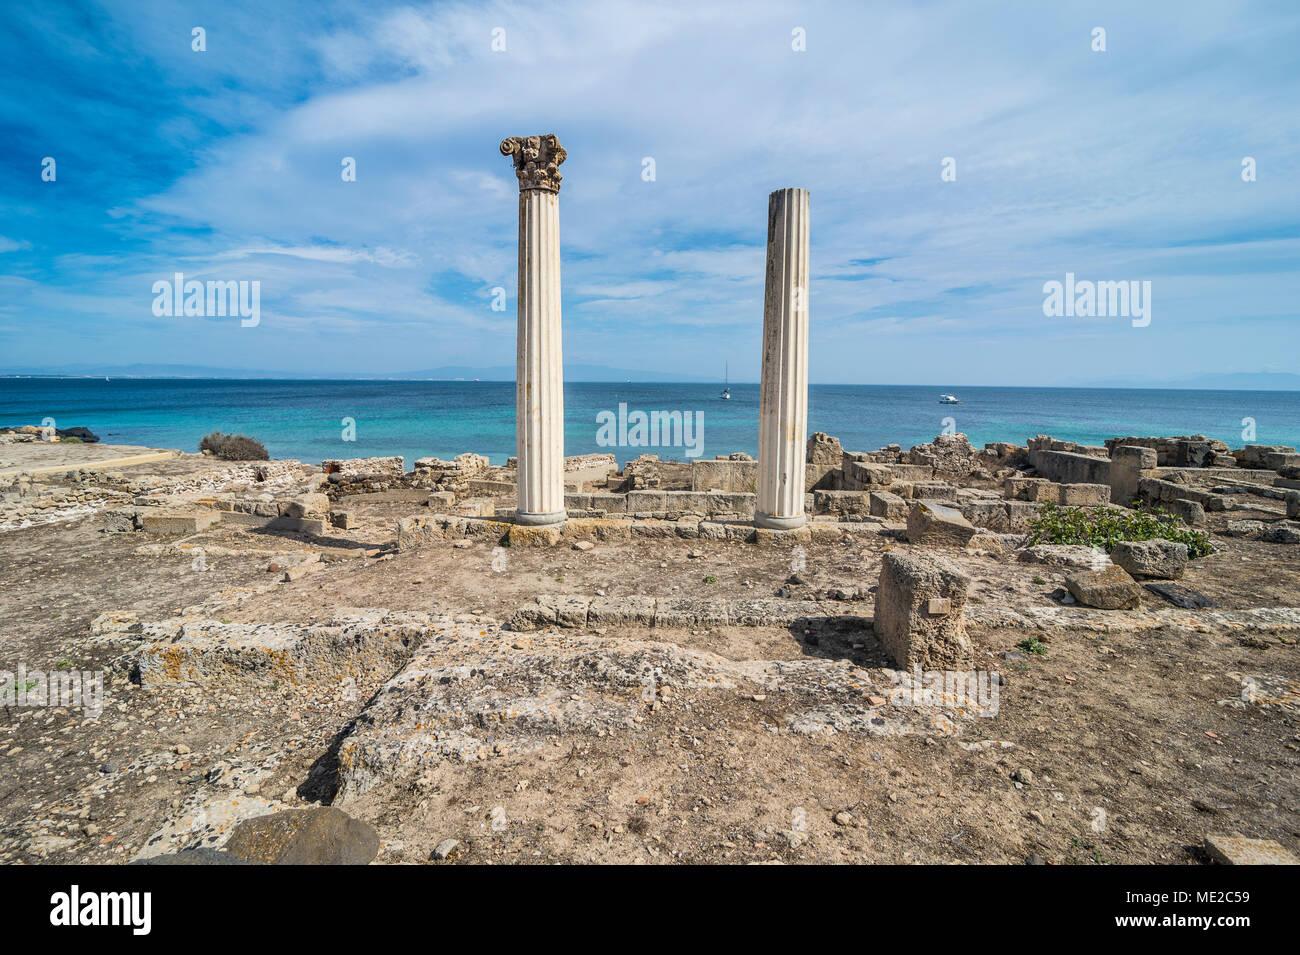 Archäologische Sehenswürdigkeit Tharros, Sardinien, Italien Stockbild